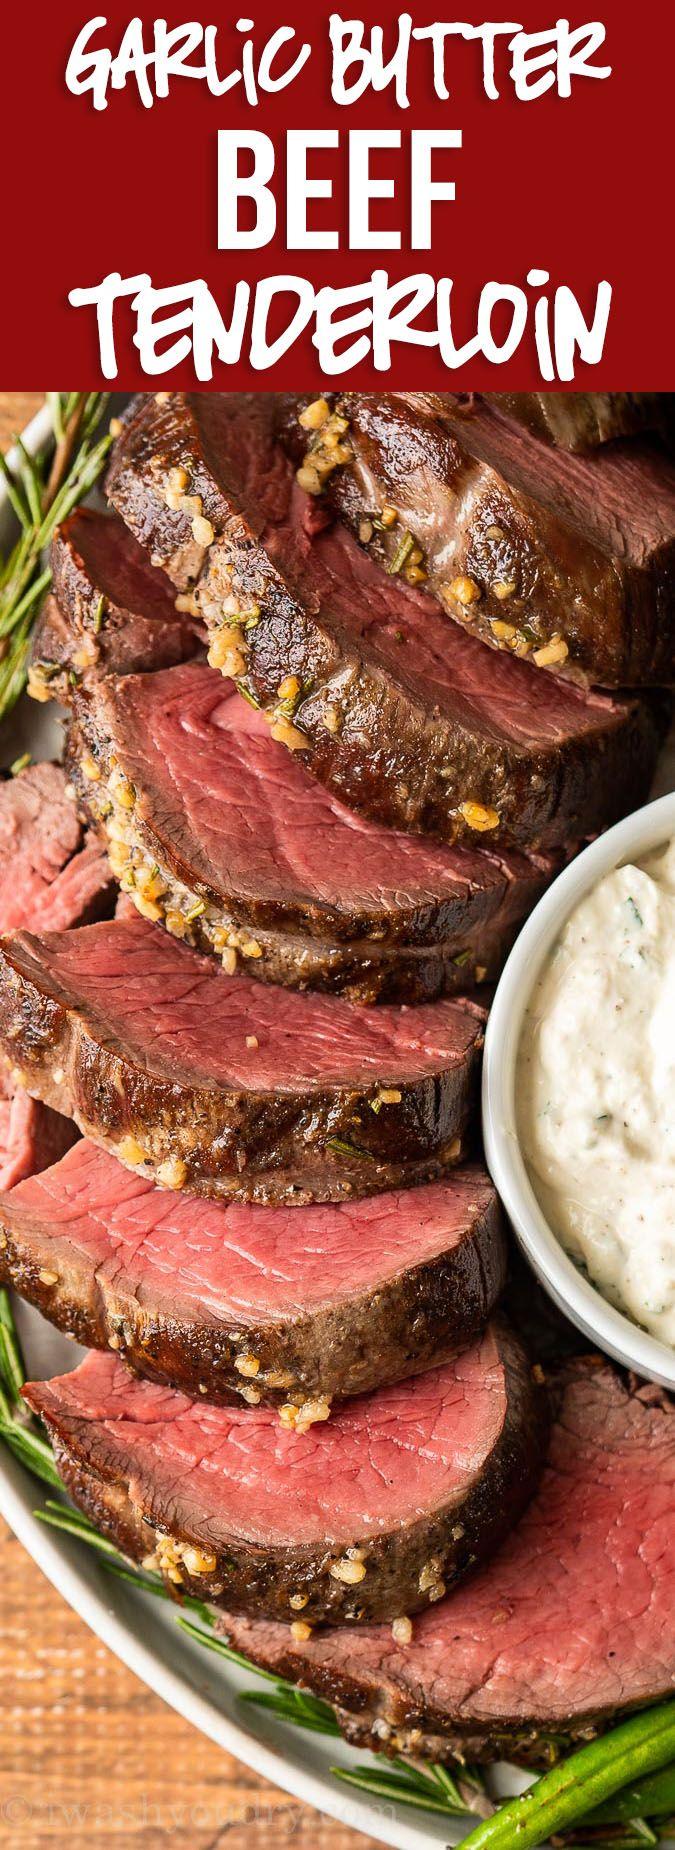 Million Dollar Roast Beef Tenderloin Recipe Beef Tenderloin Recipes Beef Tenderloin Roast Recipes Beef Tenderloin Roast